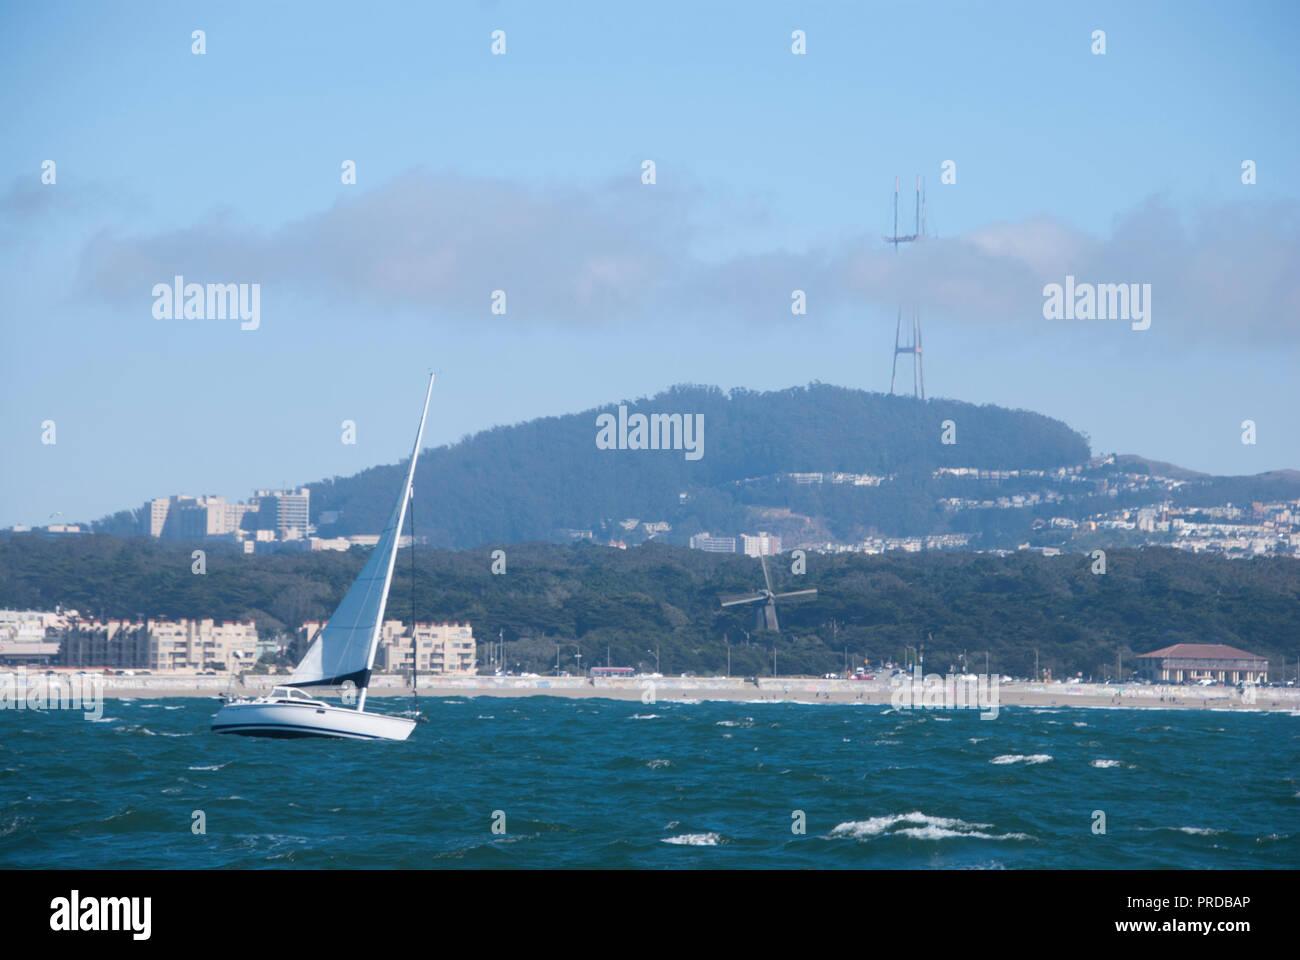 Un velero en el océano Pacífico frente a la costa de San Francisco con Sutro torre visible detrás de él. Foto de stock